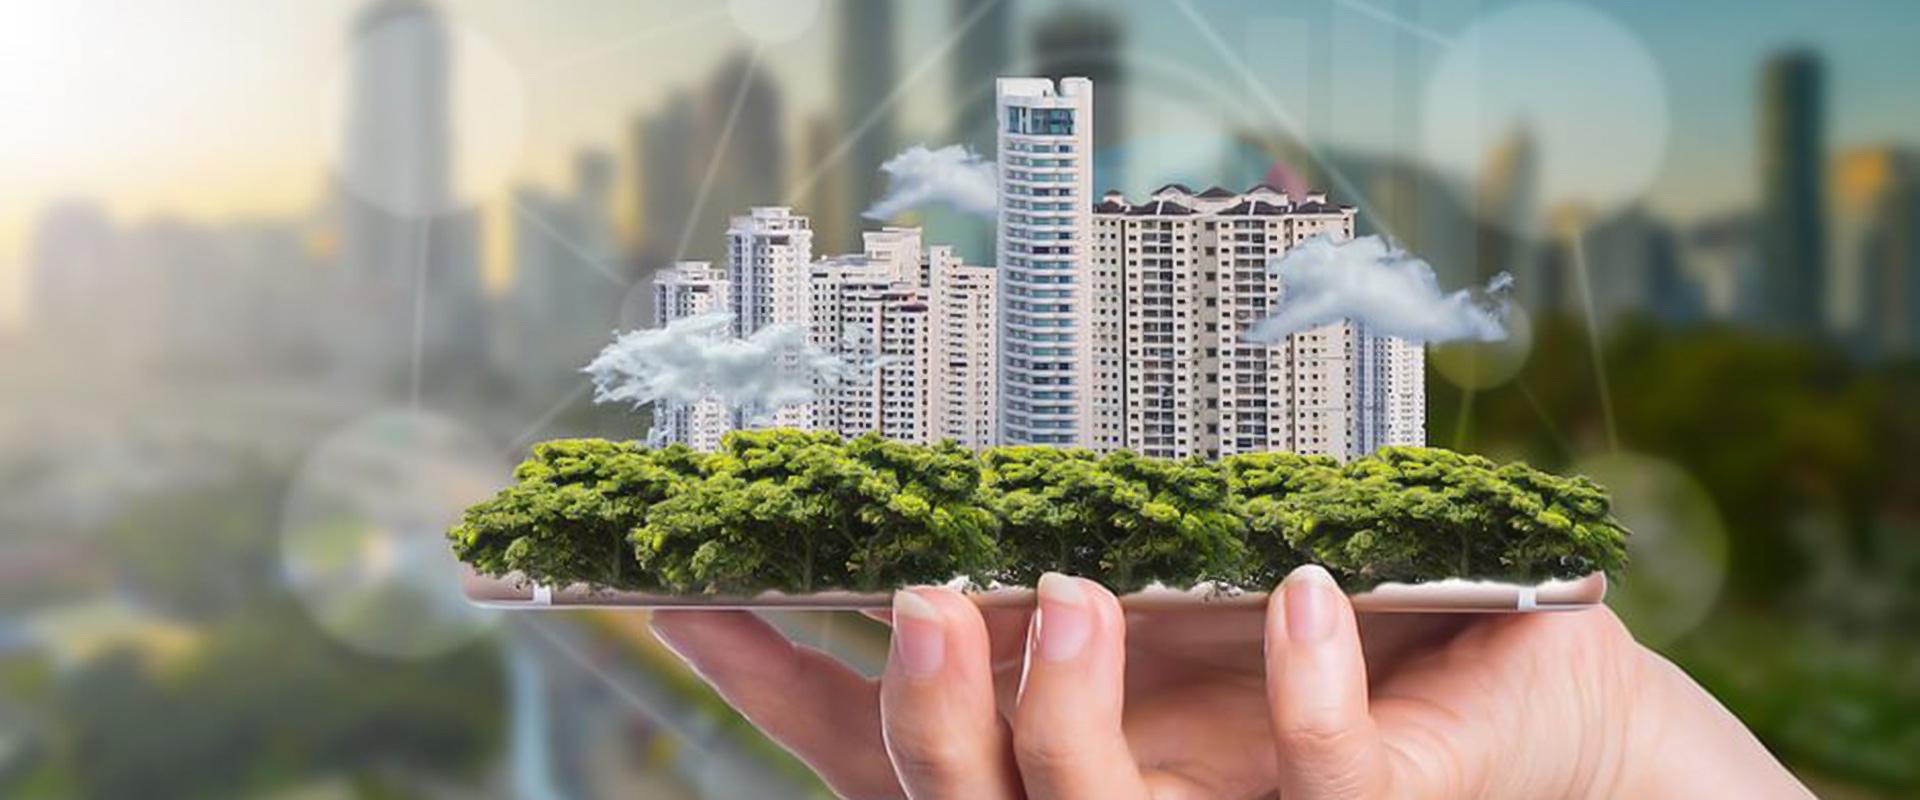 Direttiva UE 2018/844 - Prestazione ed Efficienza Energetica degli Edifici